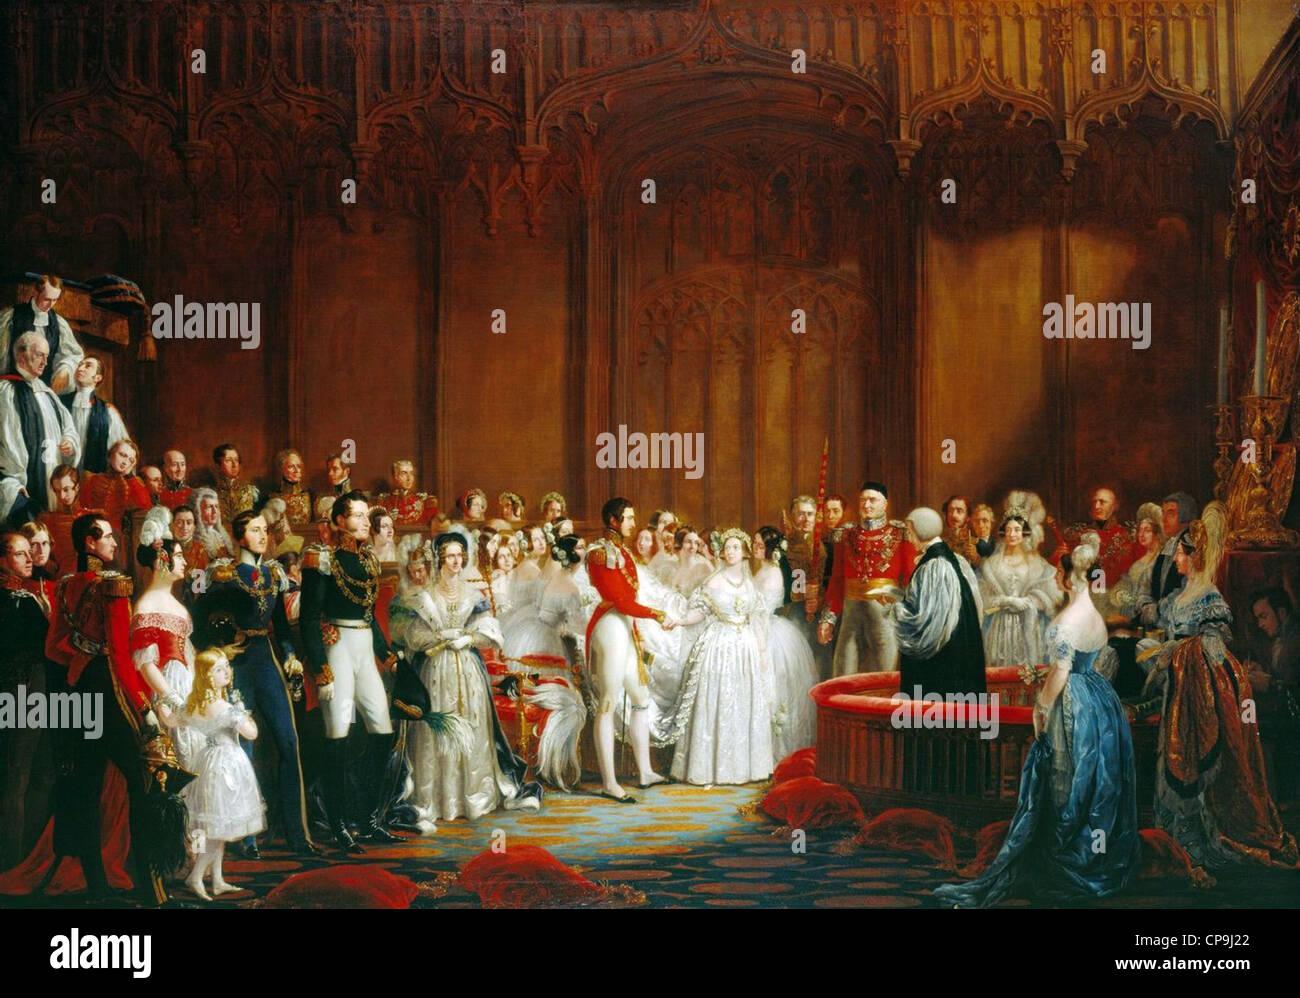 El matrimonio de la Reina Victoria, el 10 de febrero de 1840 Imagen De Stock